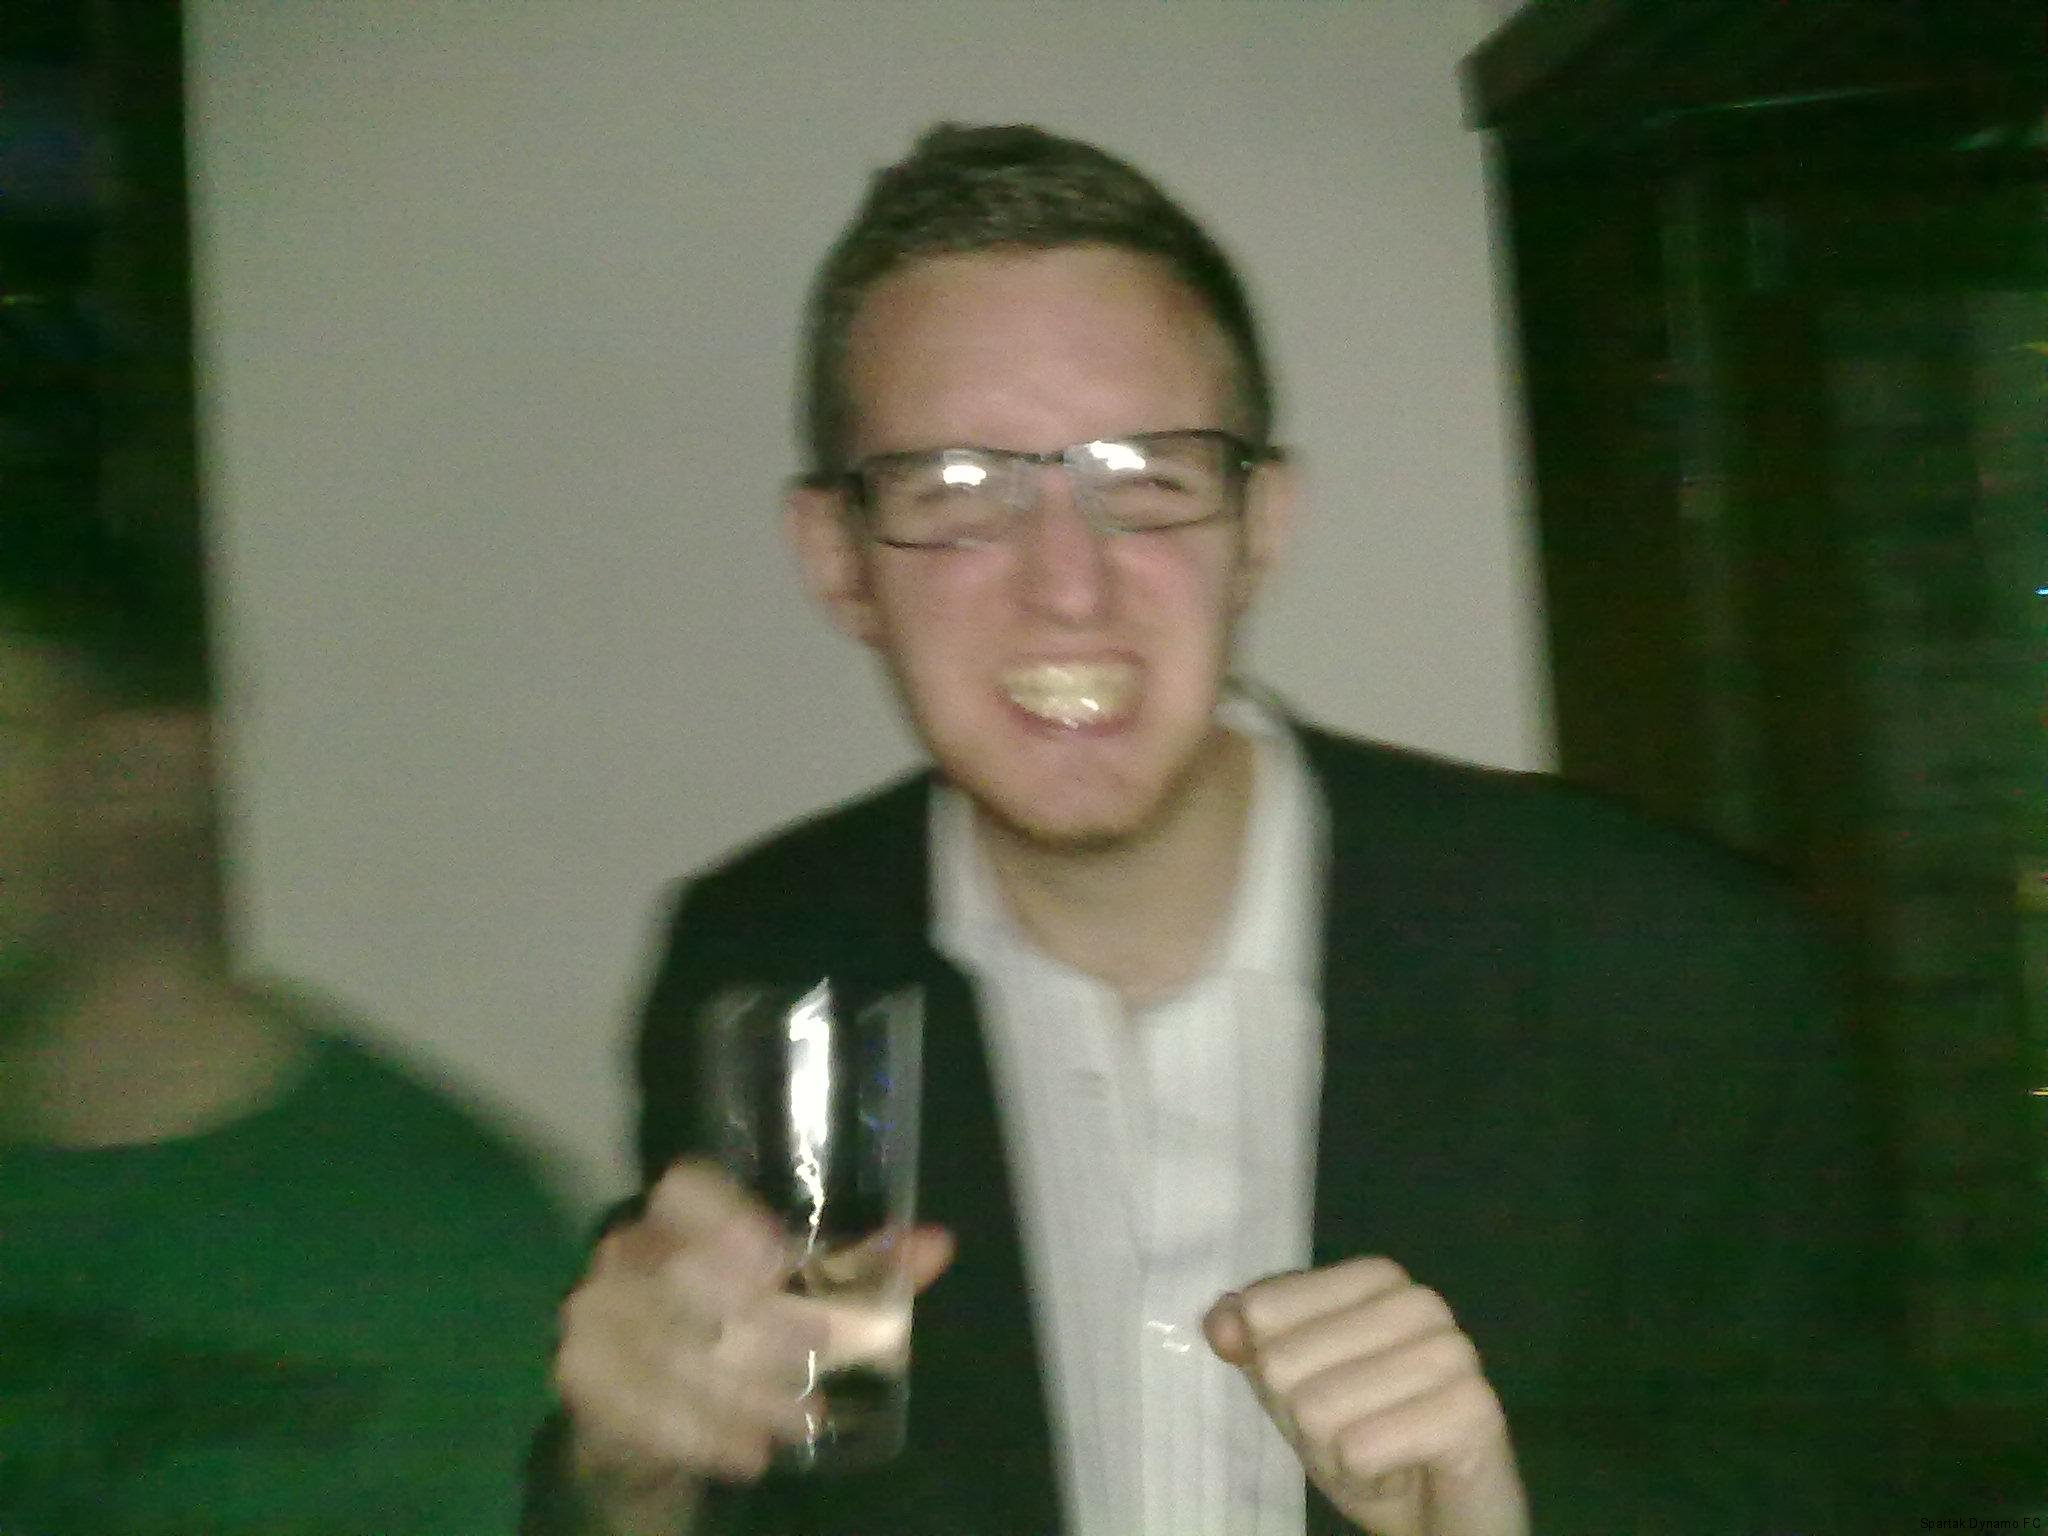 Martin Costello